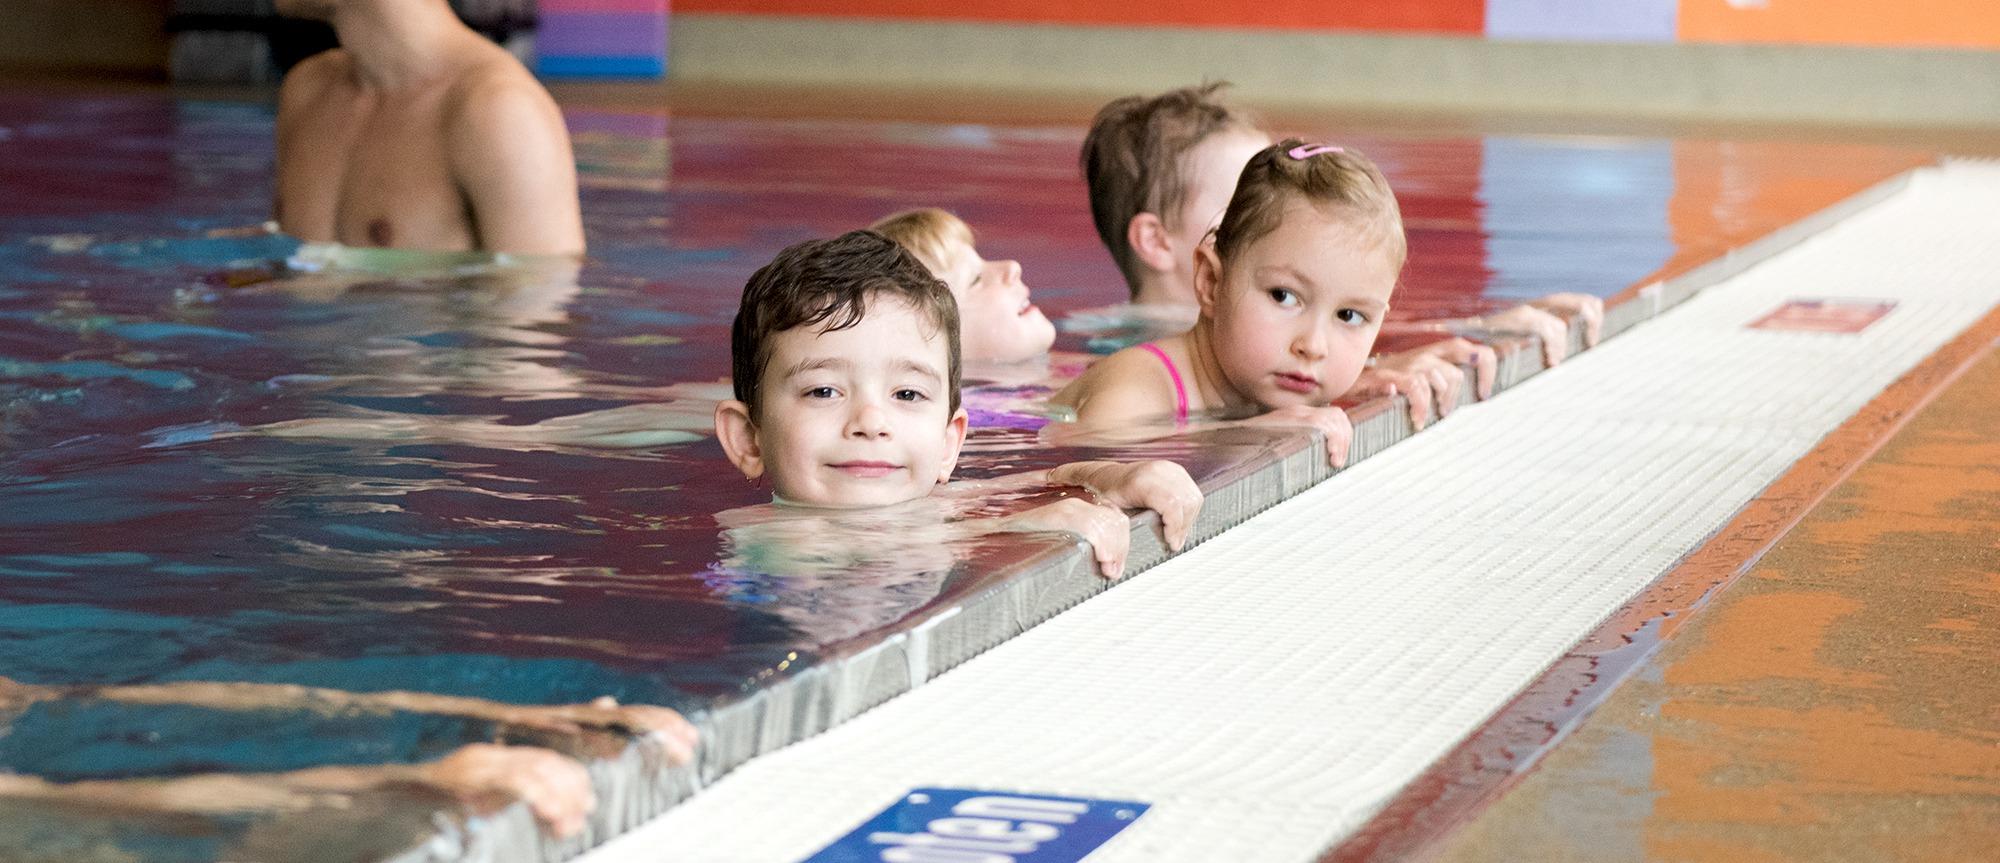 Kurssuche Schwimmschule Wassermäuse Wasserkurse